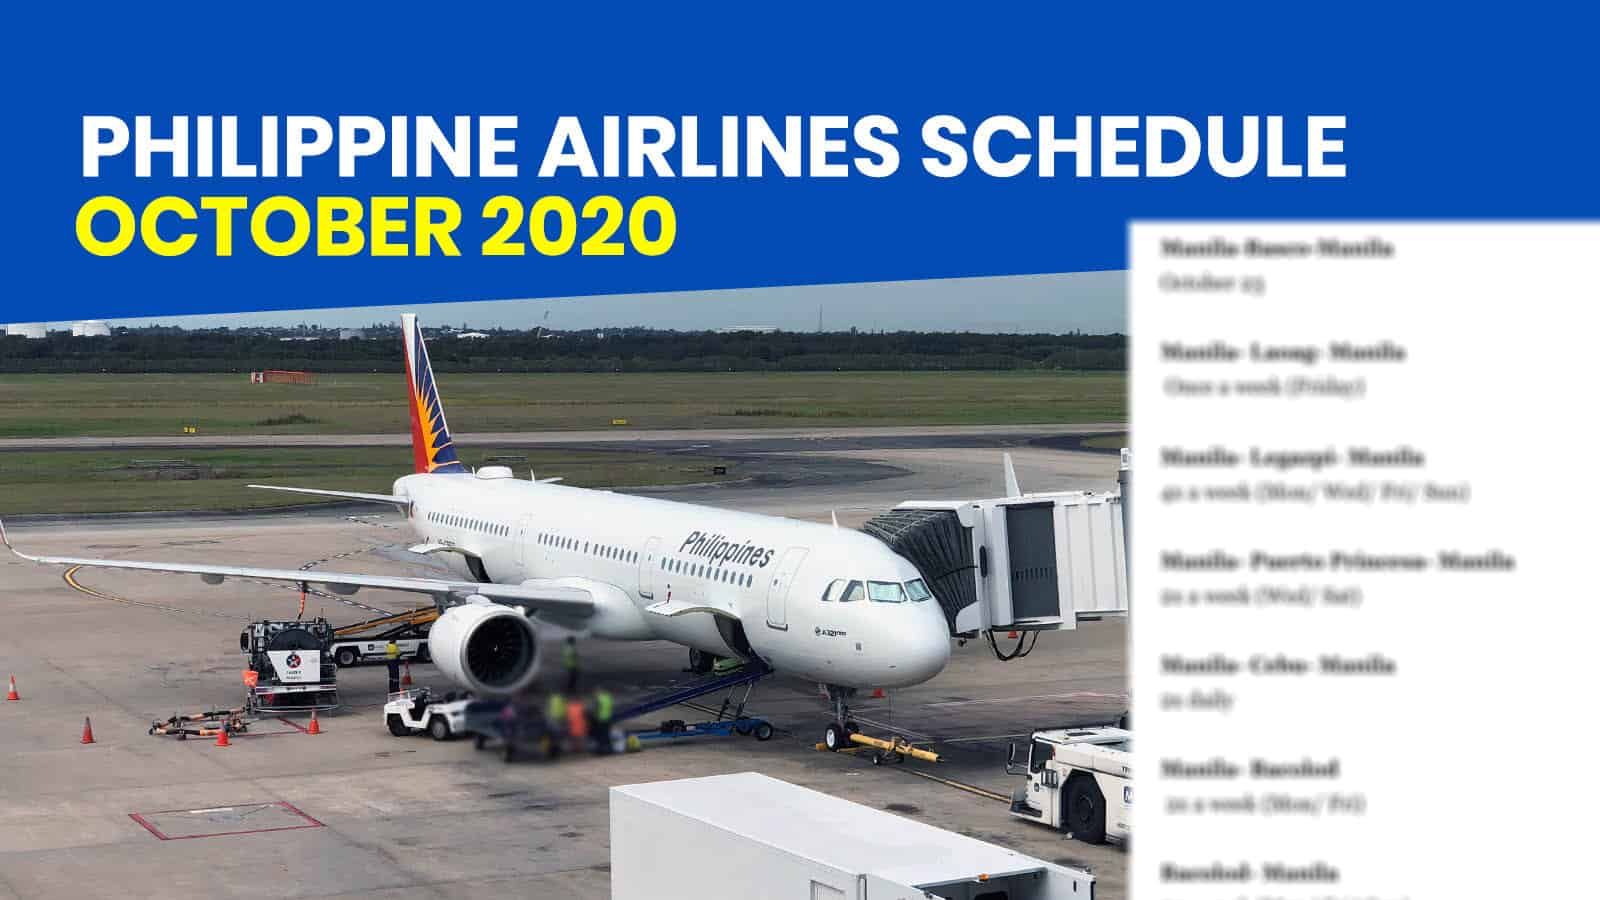 菲律宾航空公司。2020年10月的运营航班时间表 | 穷游者的行程博客